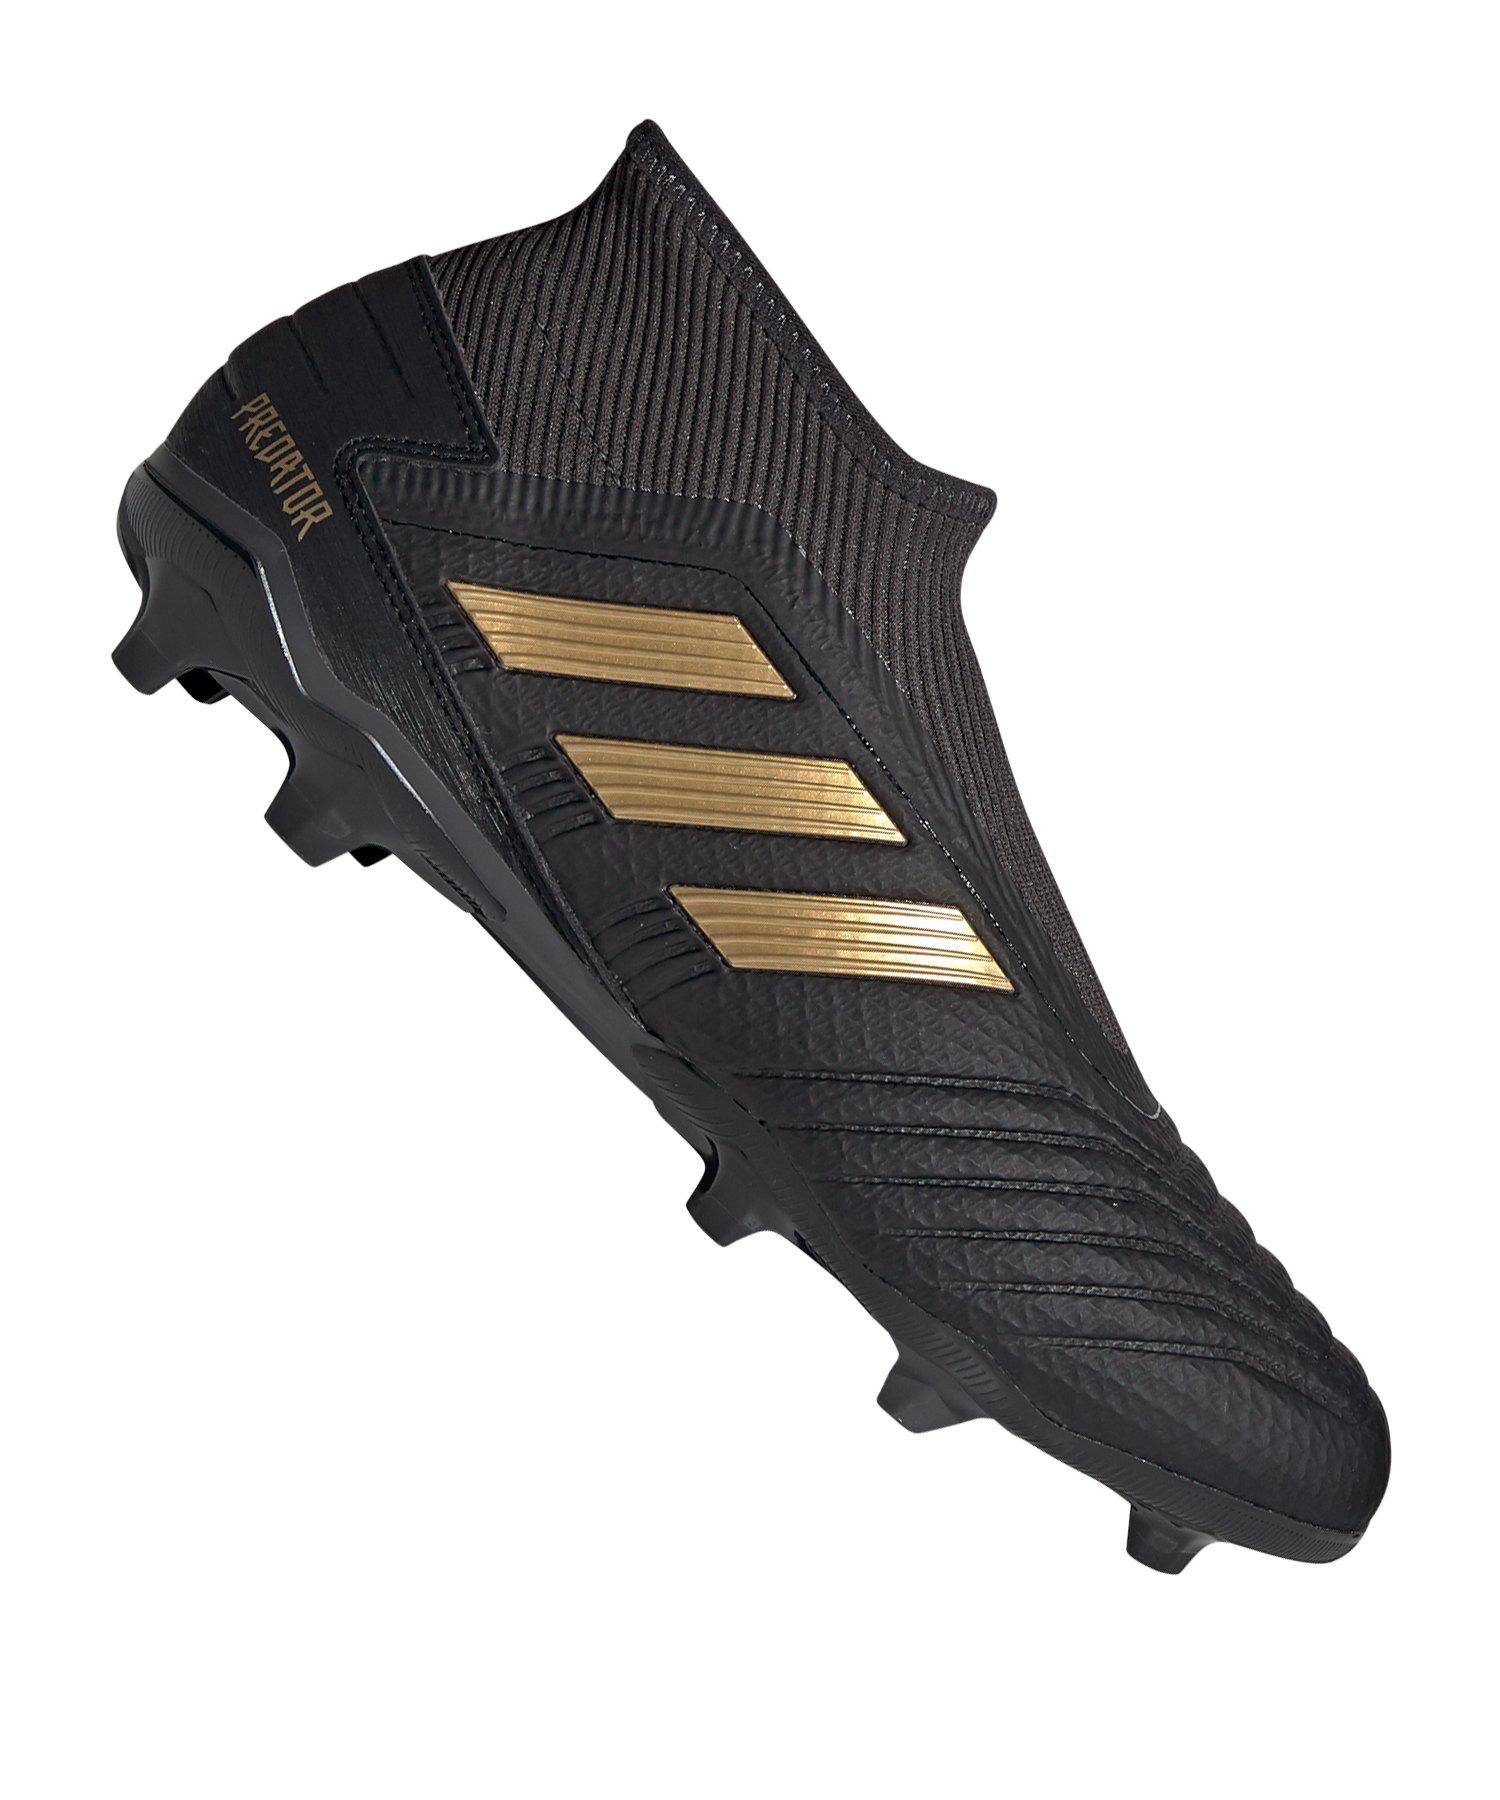 super cheap best choice pretty nice Adidas